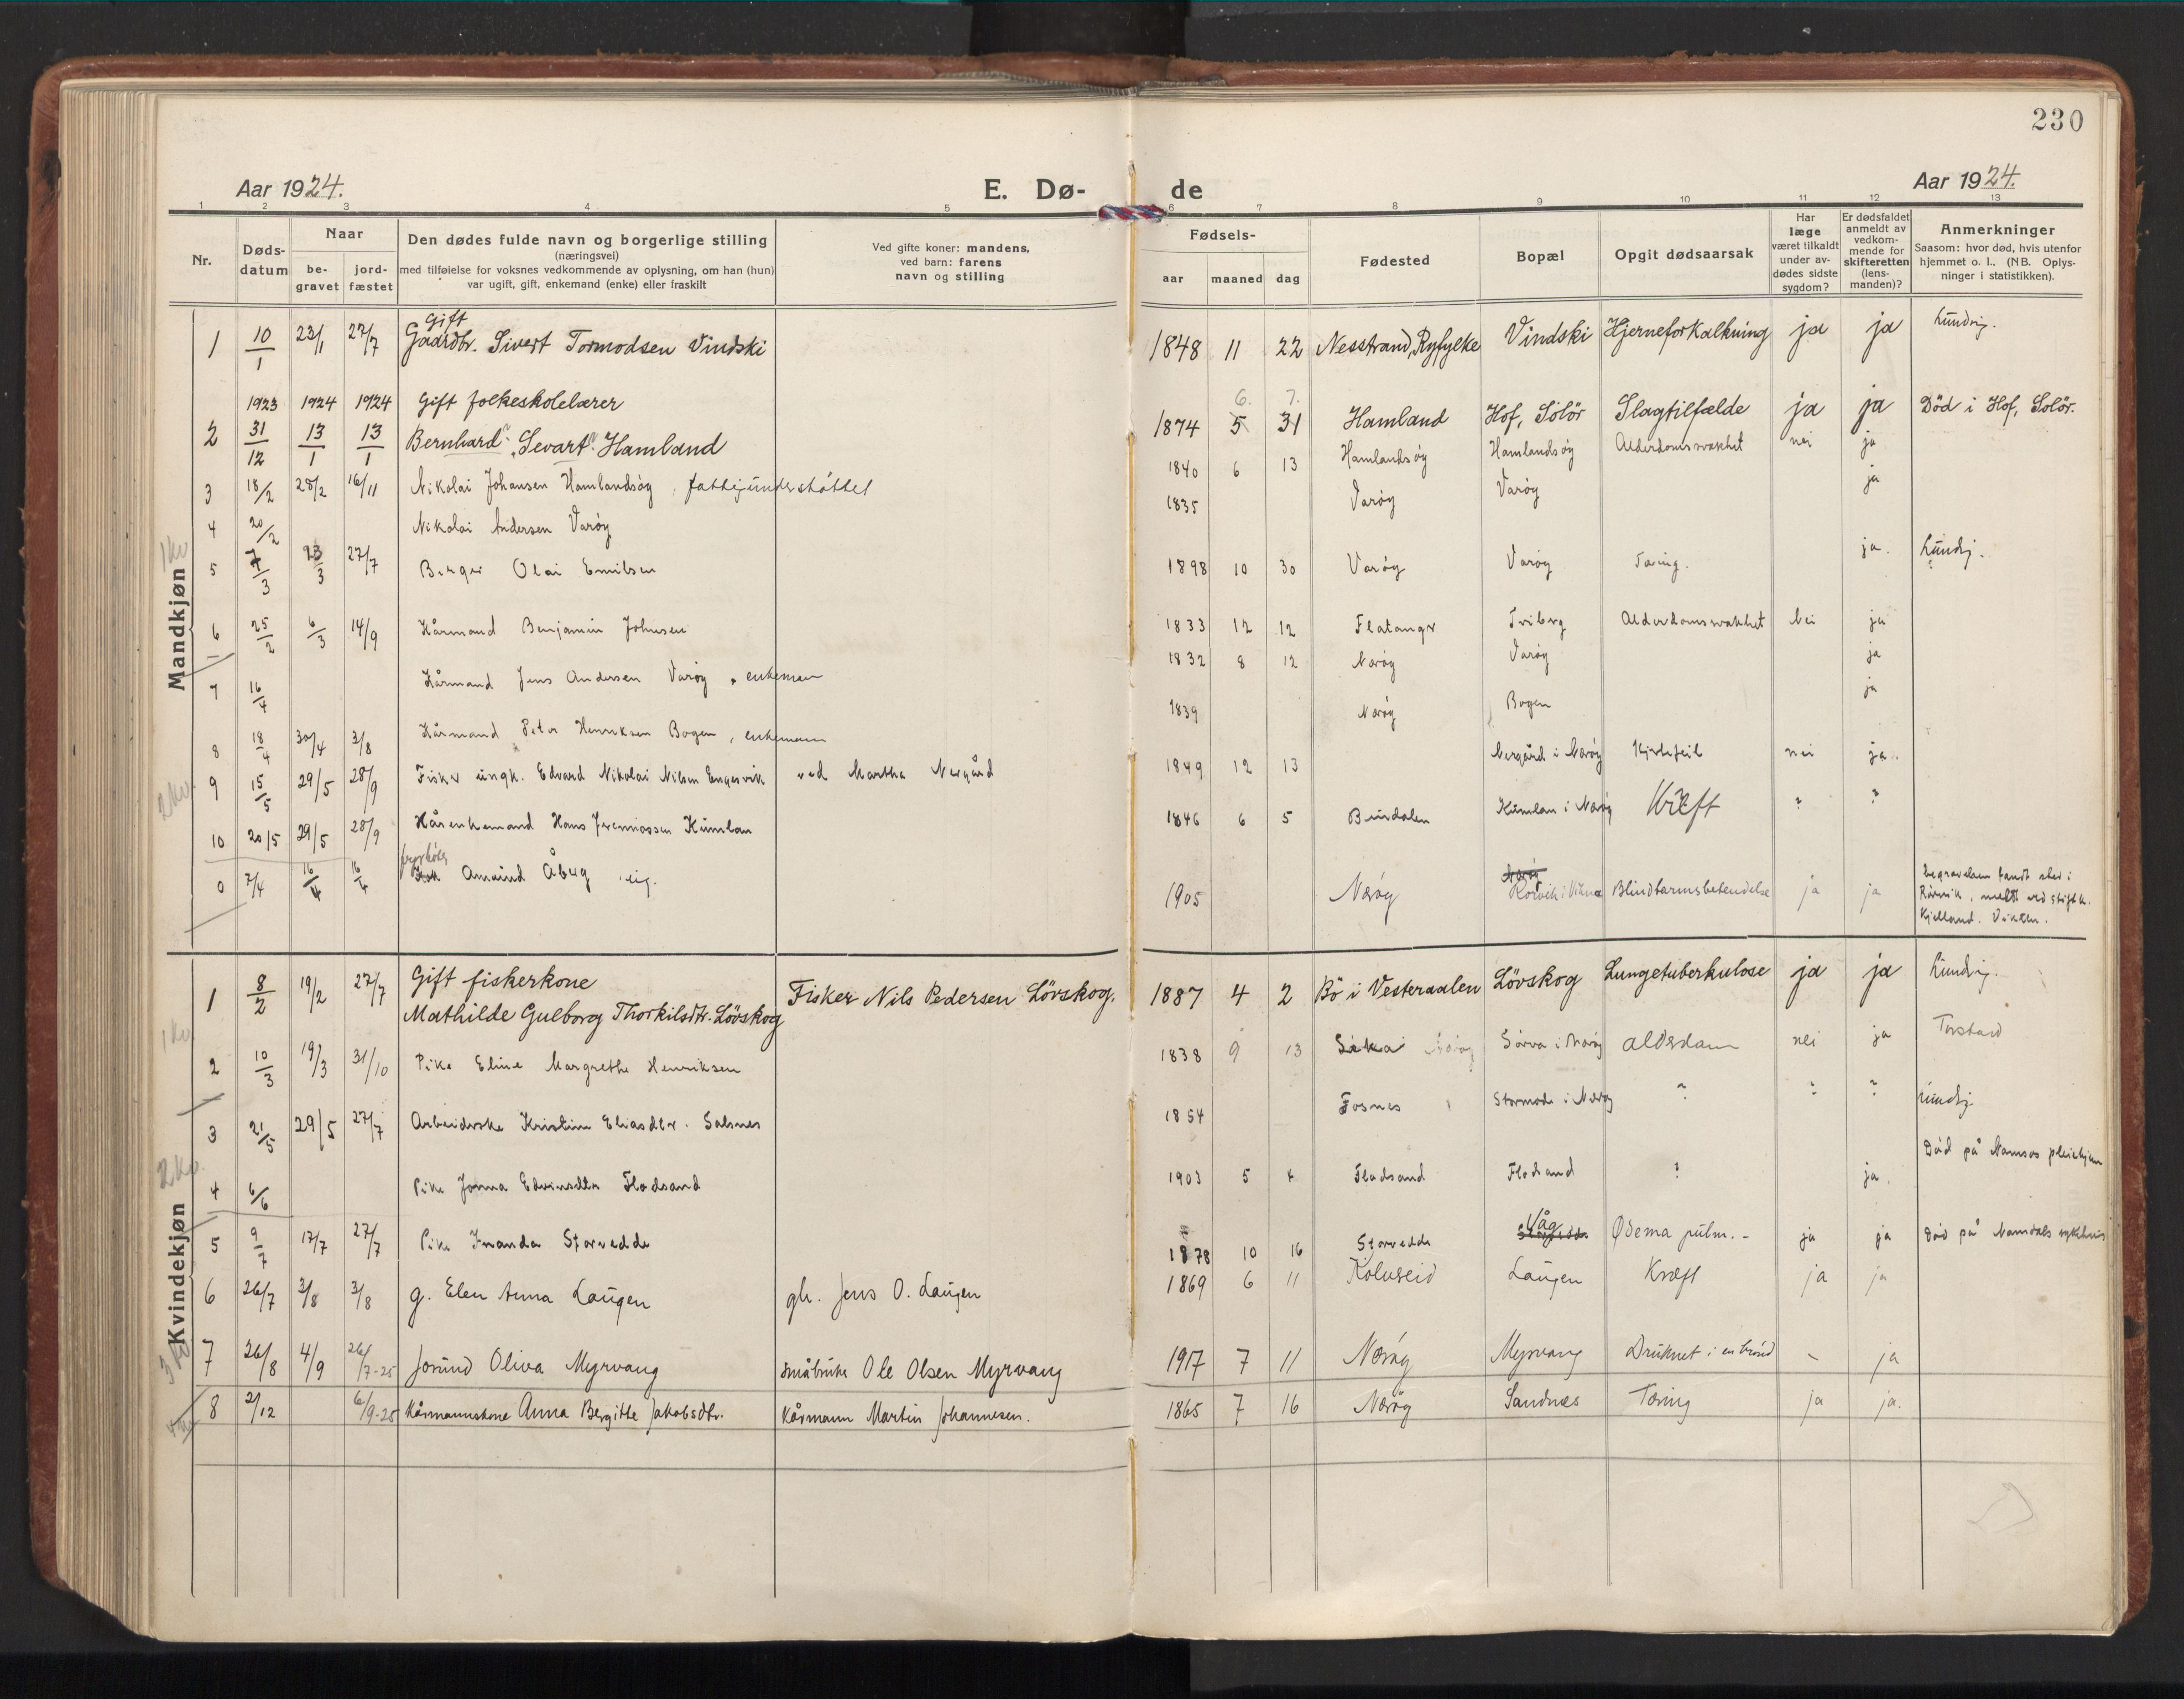 SAT, Ministerialprotokoller, klokkerbøker og fødselsregistre - Nord-Trøndelag, 784/L0678: Ministerialbok nr. 784A13, 1921-1938, s. 230